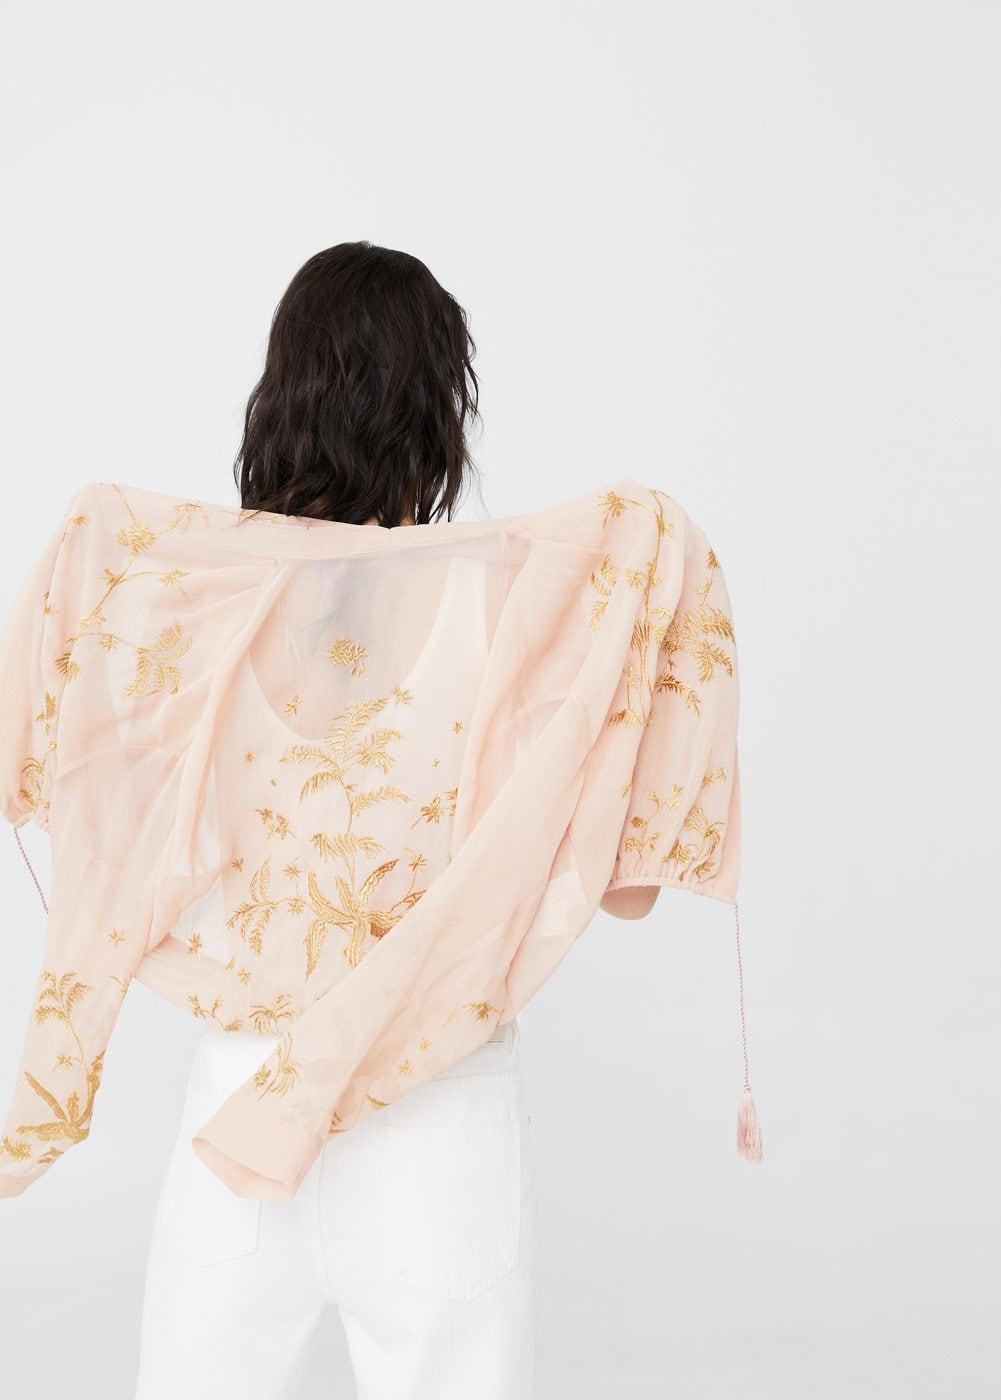 I'm feeling like floating on in this jacket  Embroidered flowy jacket / $99 / Mango